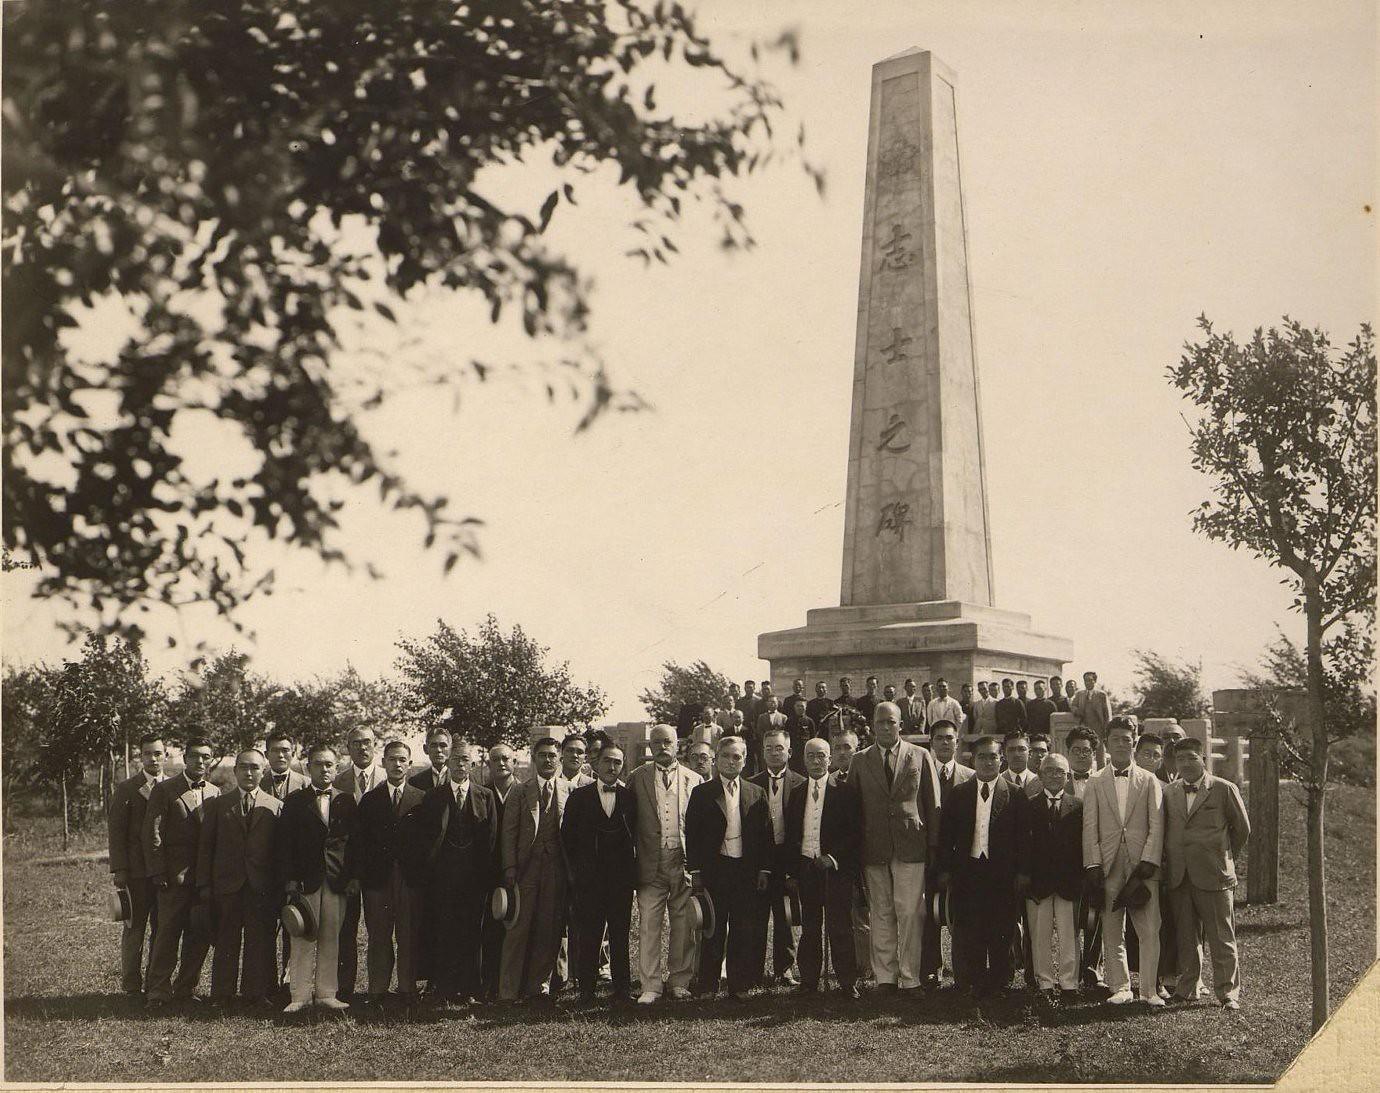 1920-1930-е. Группа дипломатов у памятника. Харбин